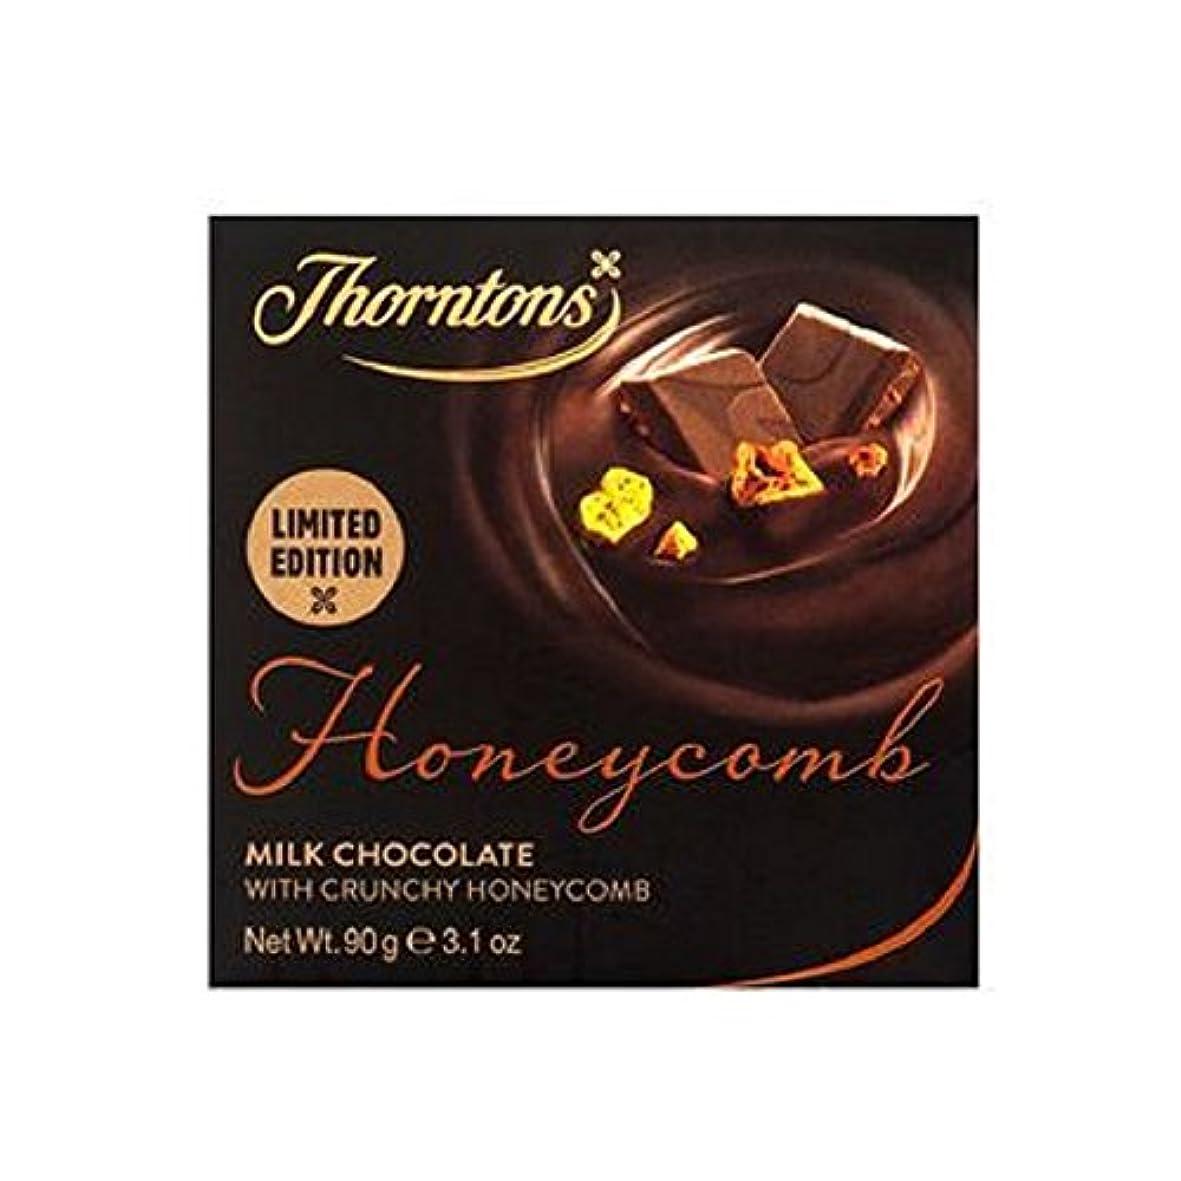 換気ロマンス溶けるソーントンズハニカムミルクチョコレートブロック(90グラム) - Thorntons Honeycomb Milk Chocolate Block (90g) (Thorntons) [並行輸入品]